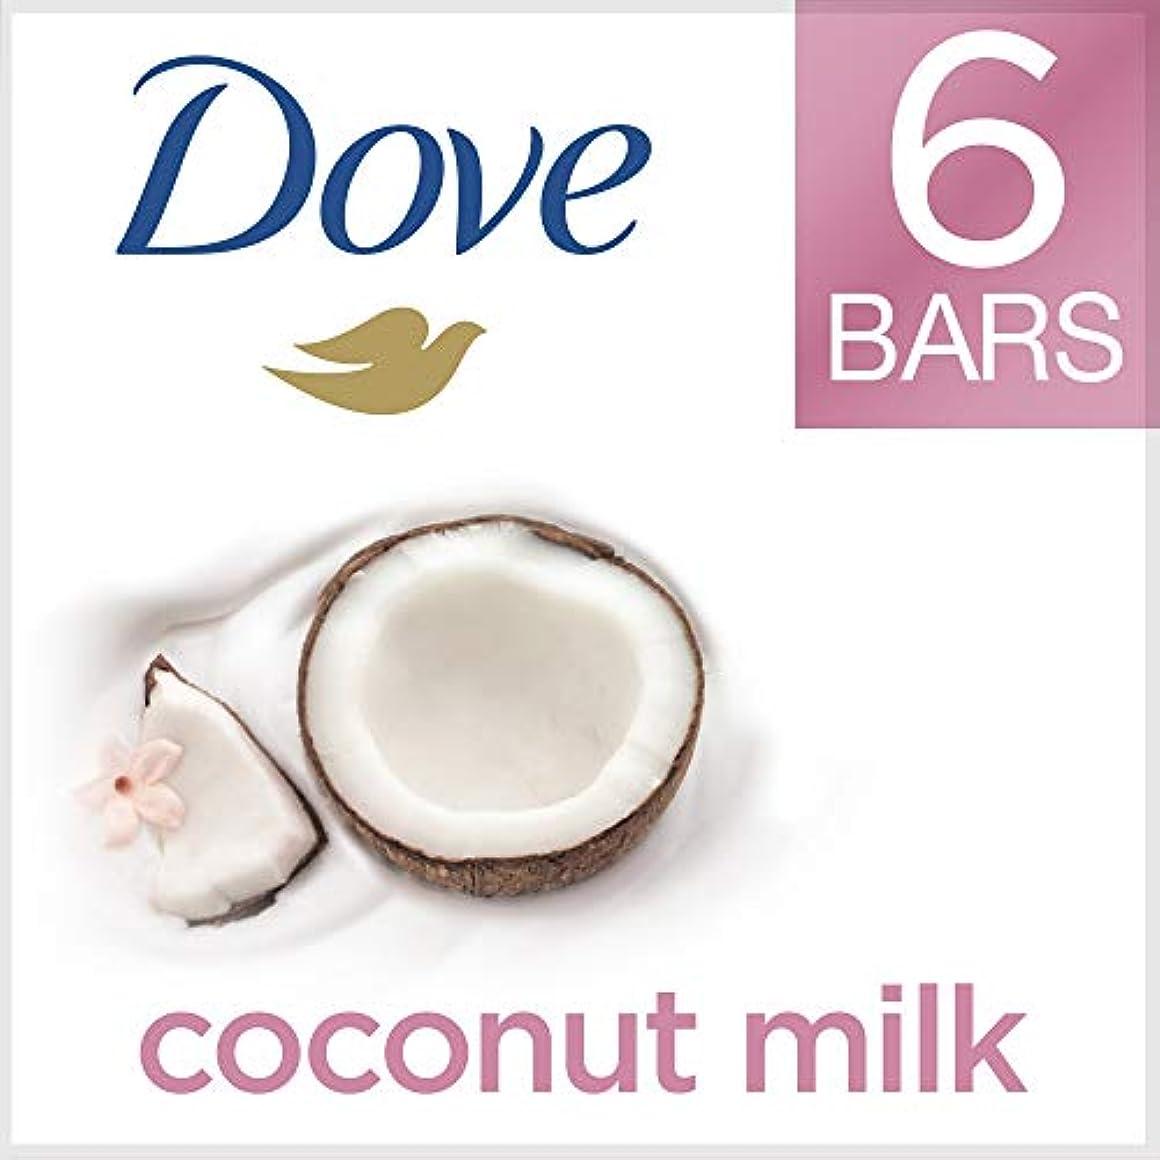 忌まわしいすずめ幹Dove ビューティーバー、ココナッツミルク、4オンス、6バー